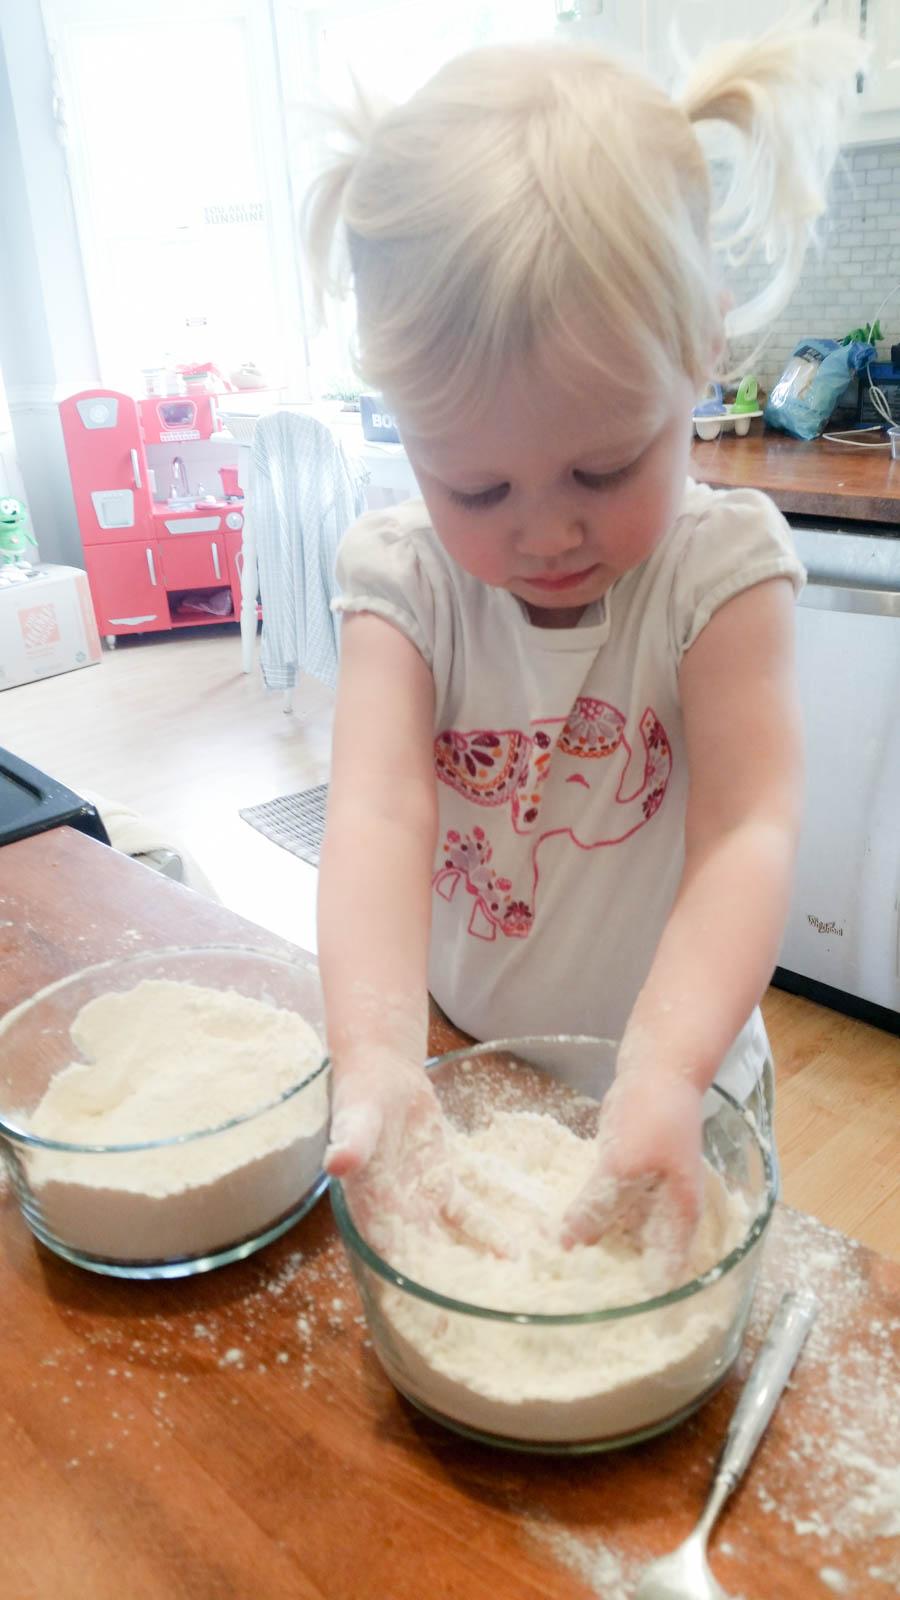 Making homemade playdough